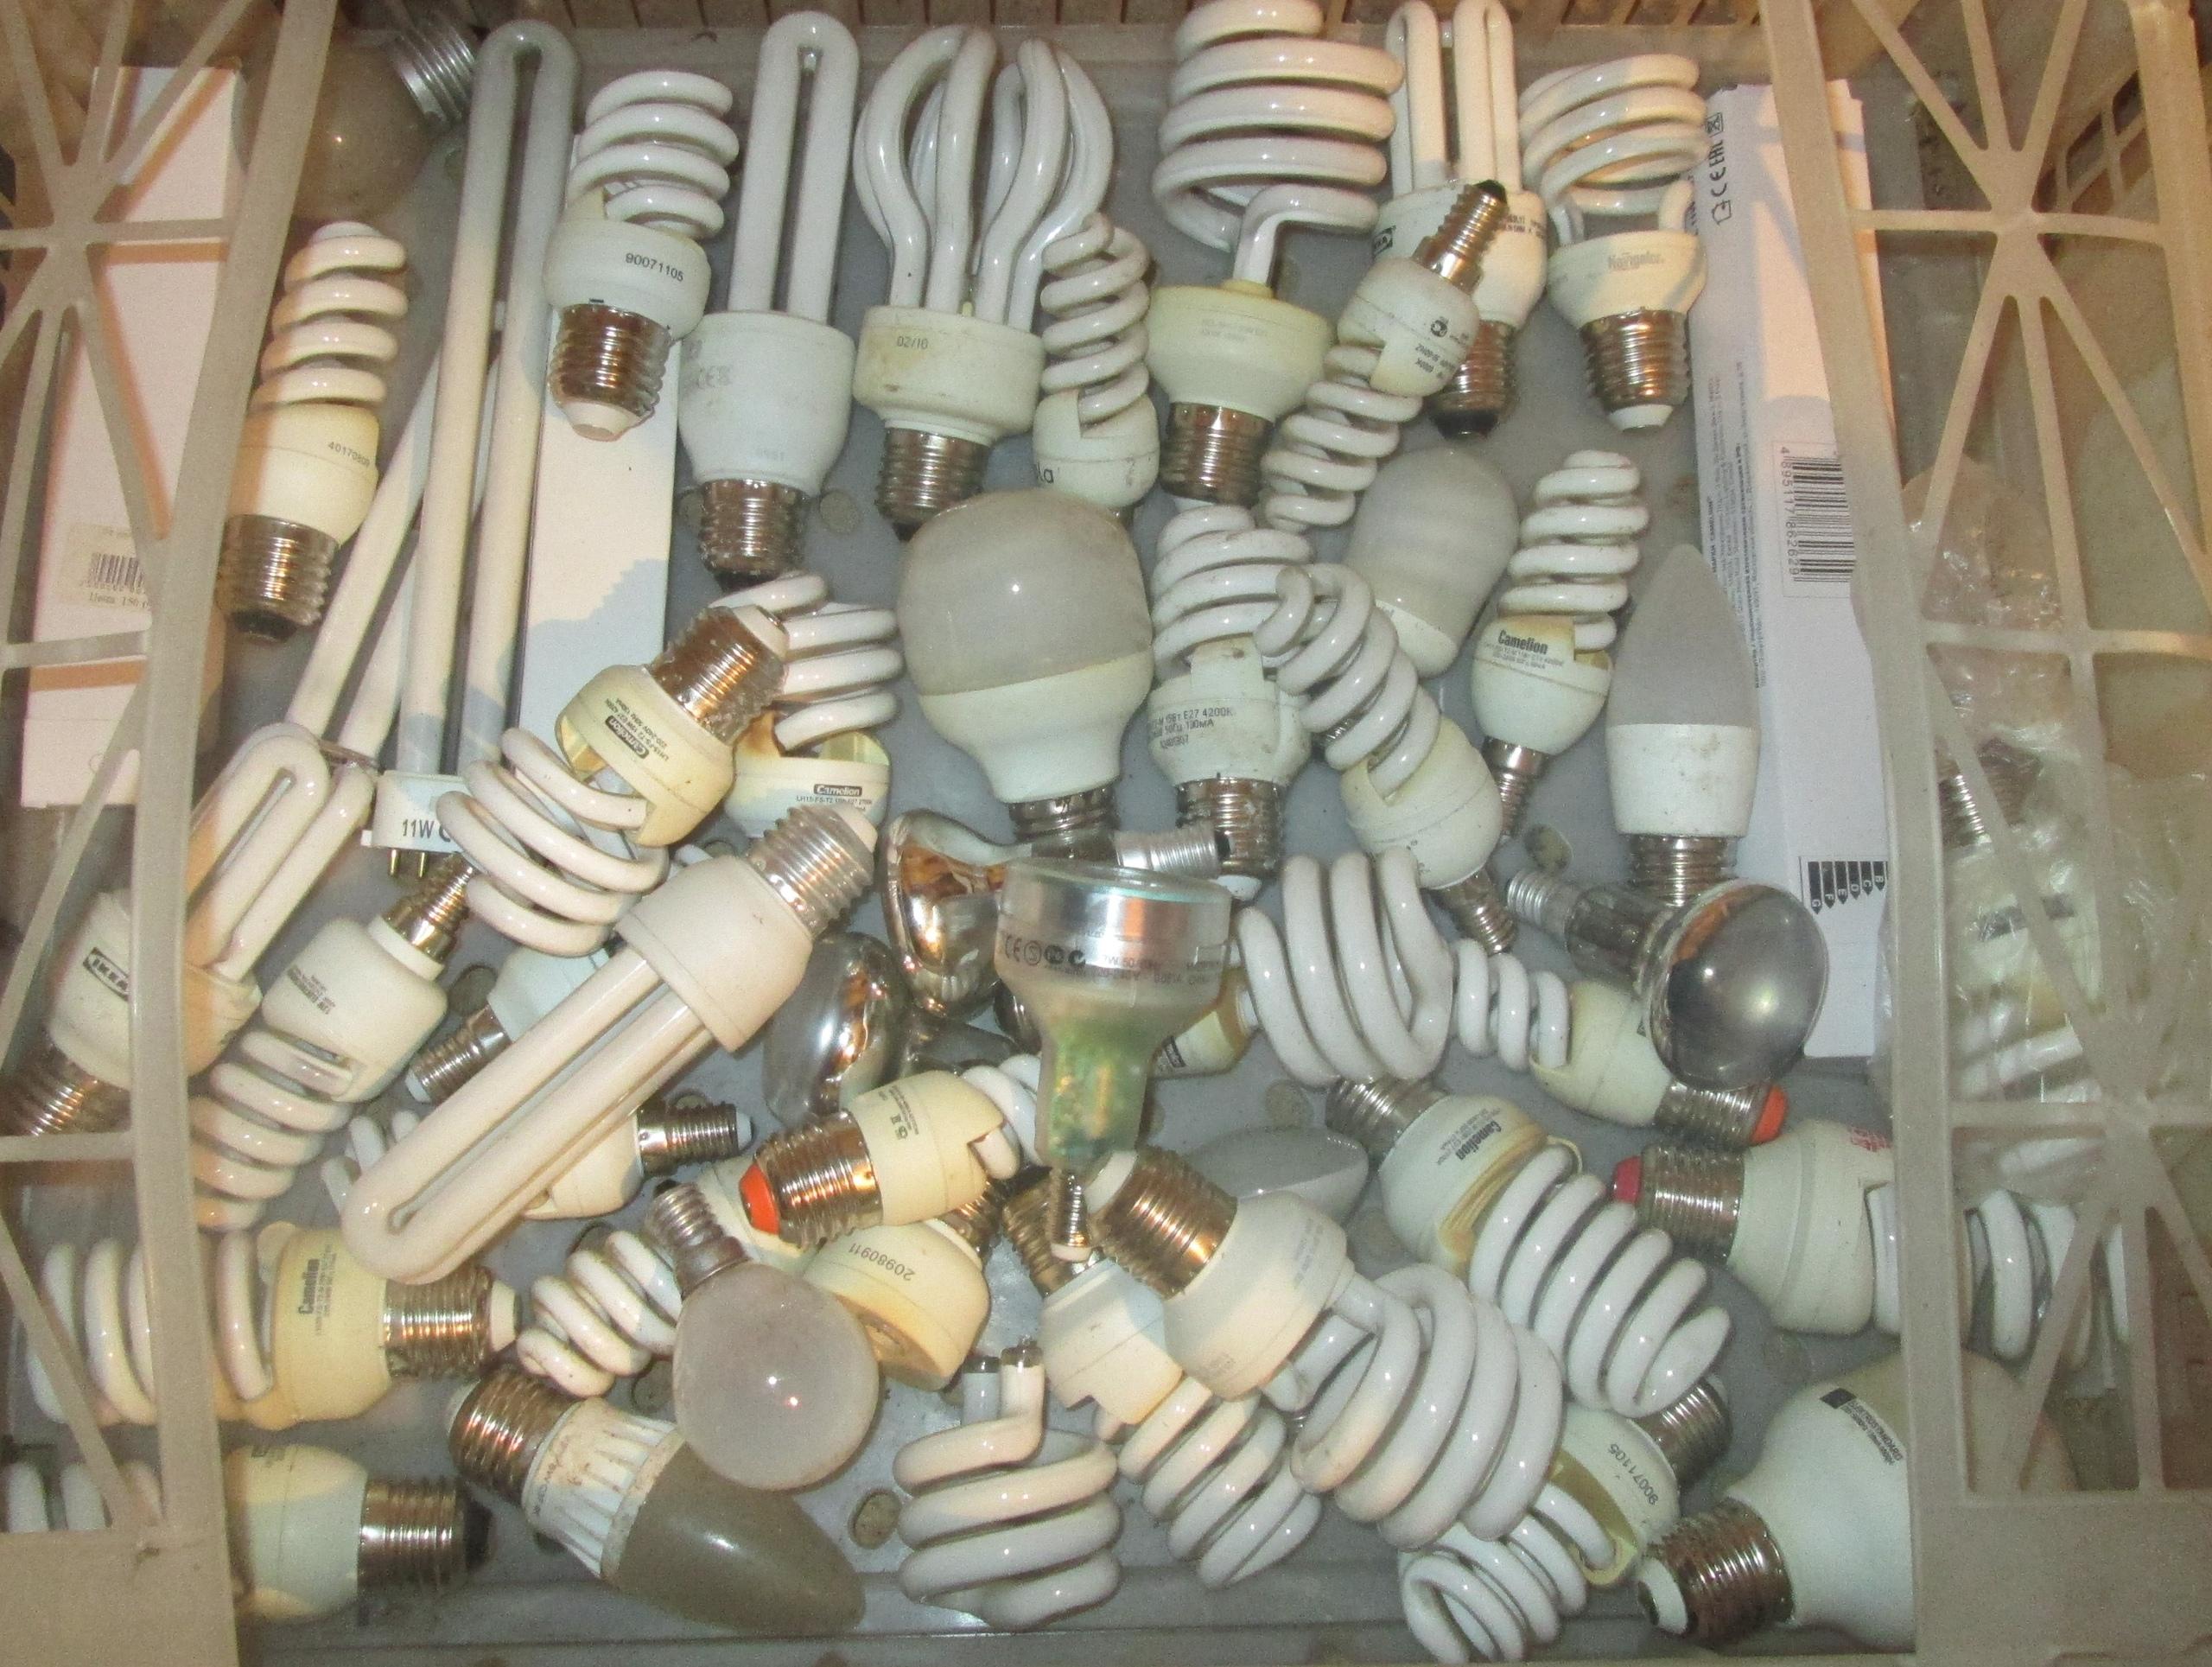 Утилизация люминесцентных ламп: куда следует сдавать отработавшие приборы